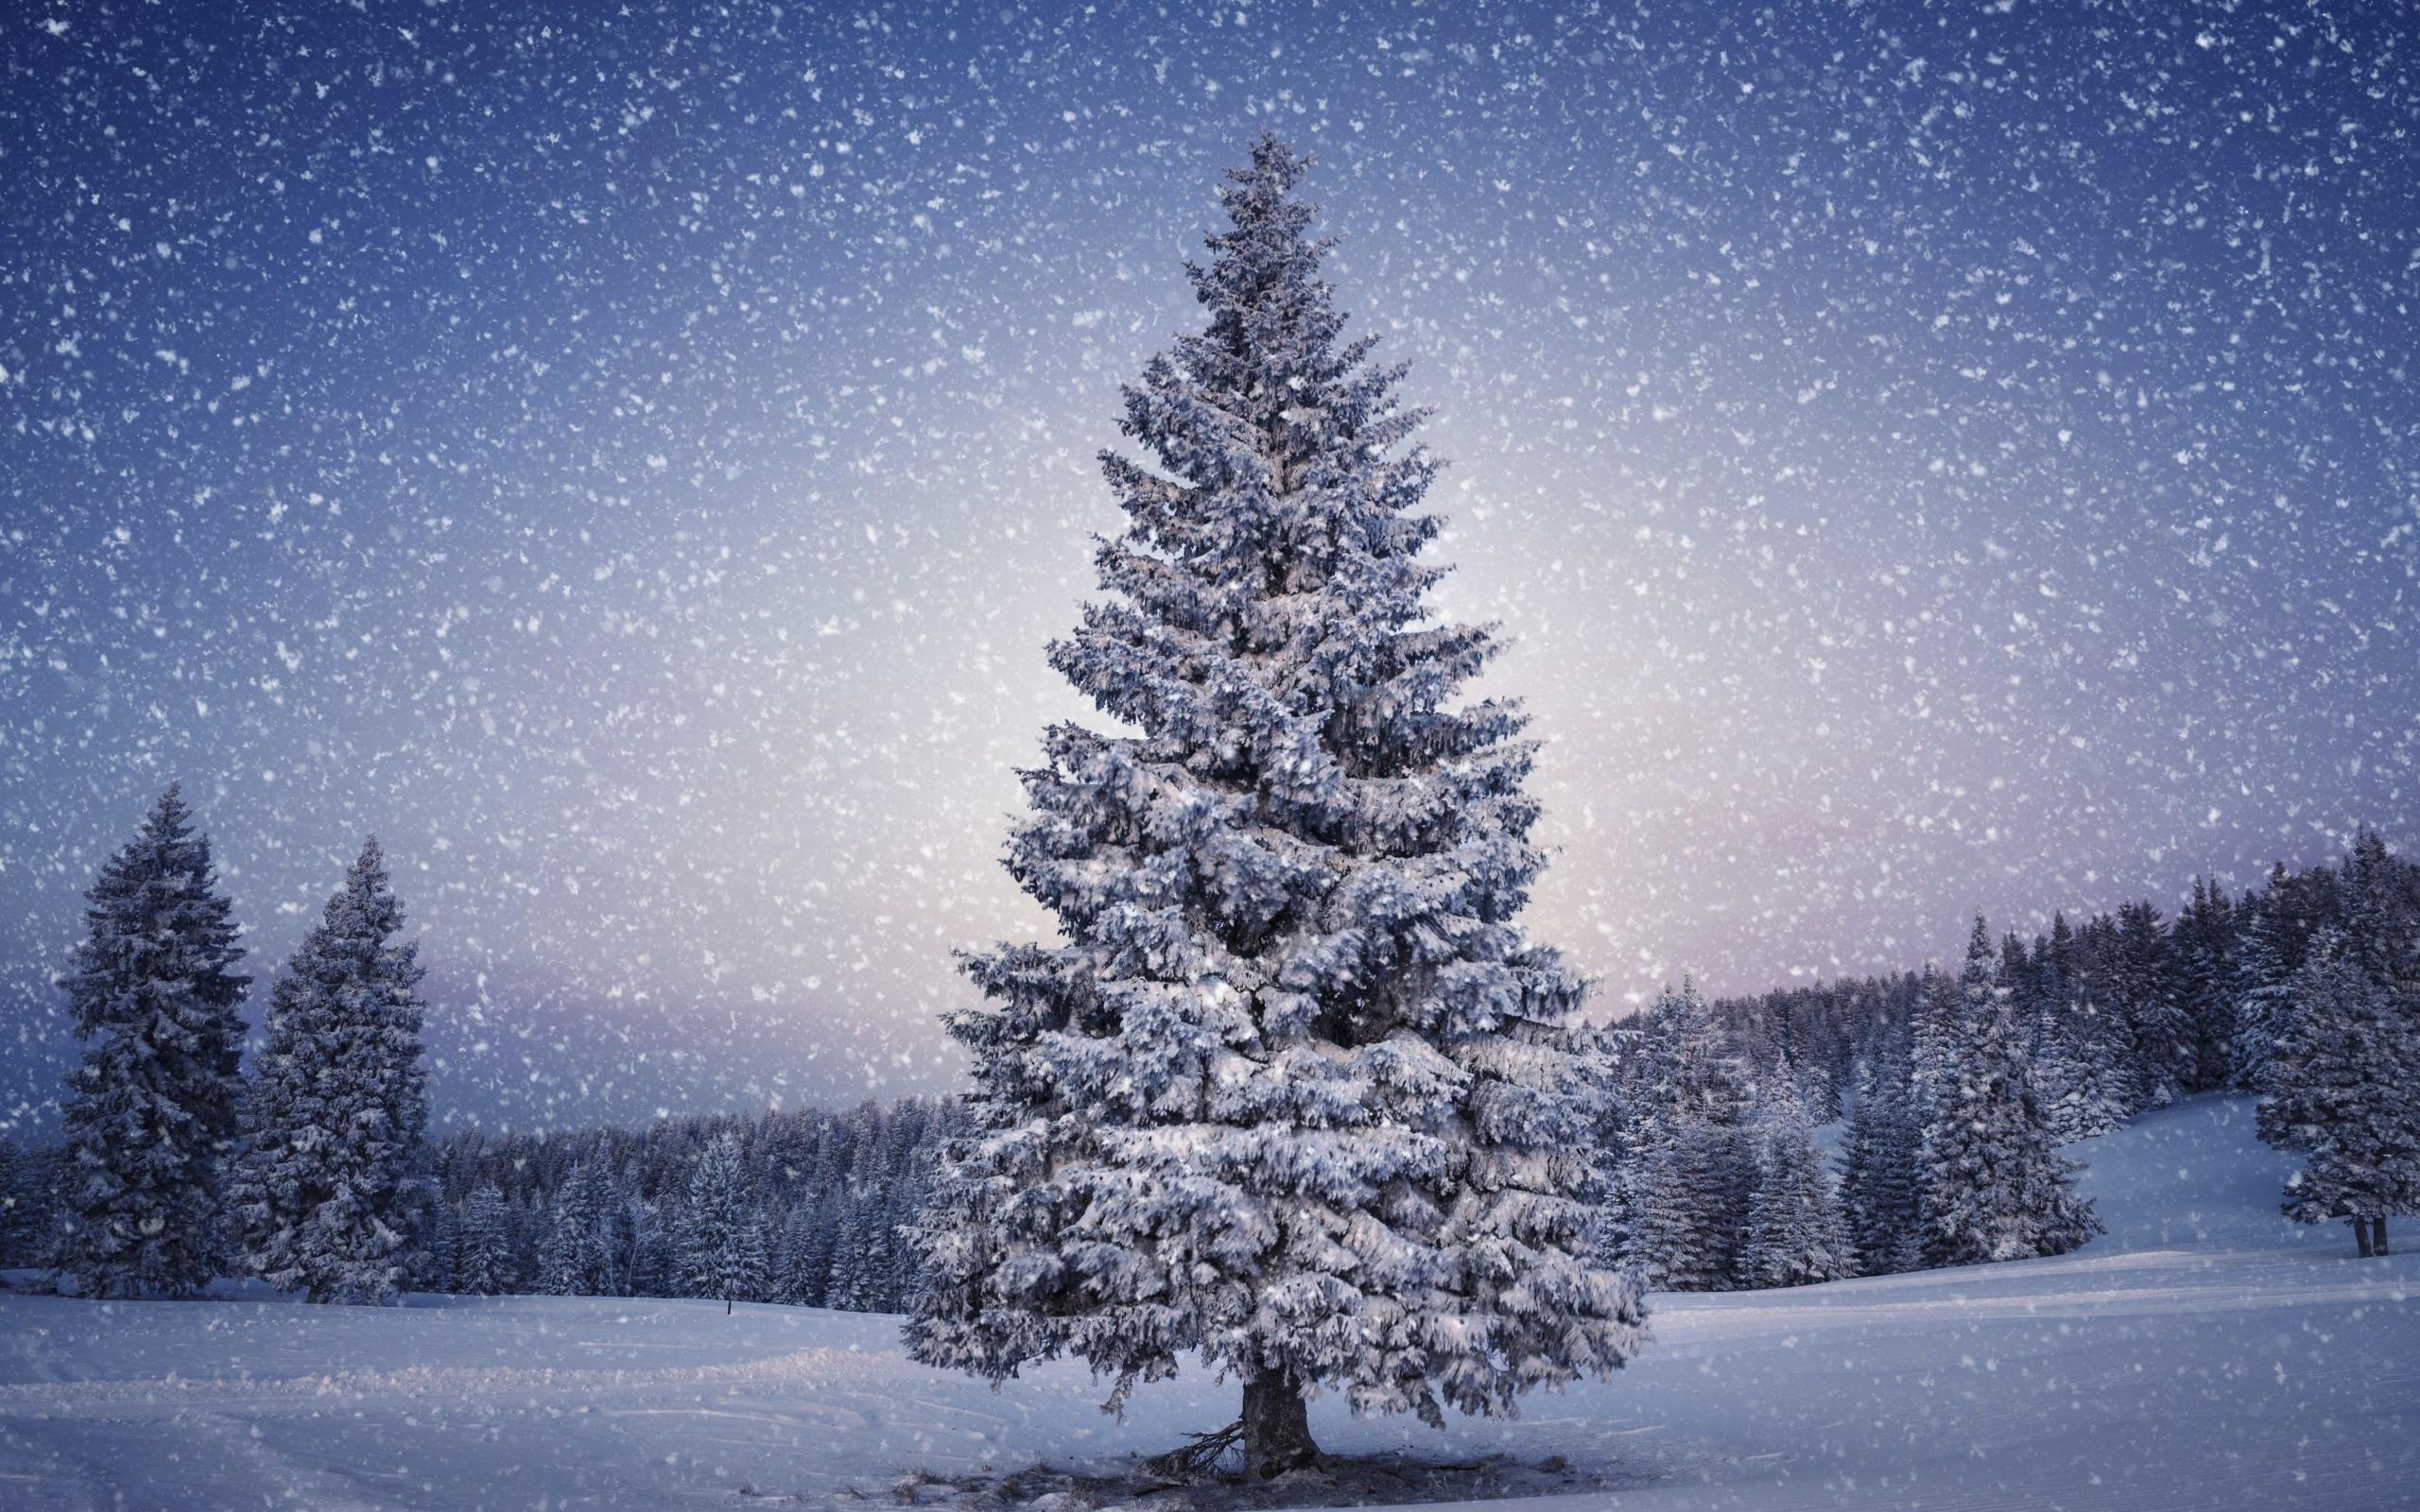 Snowy Christmas Scenes Wallpaper  WallpaperSafari